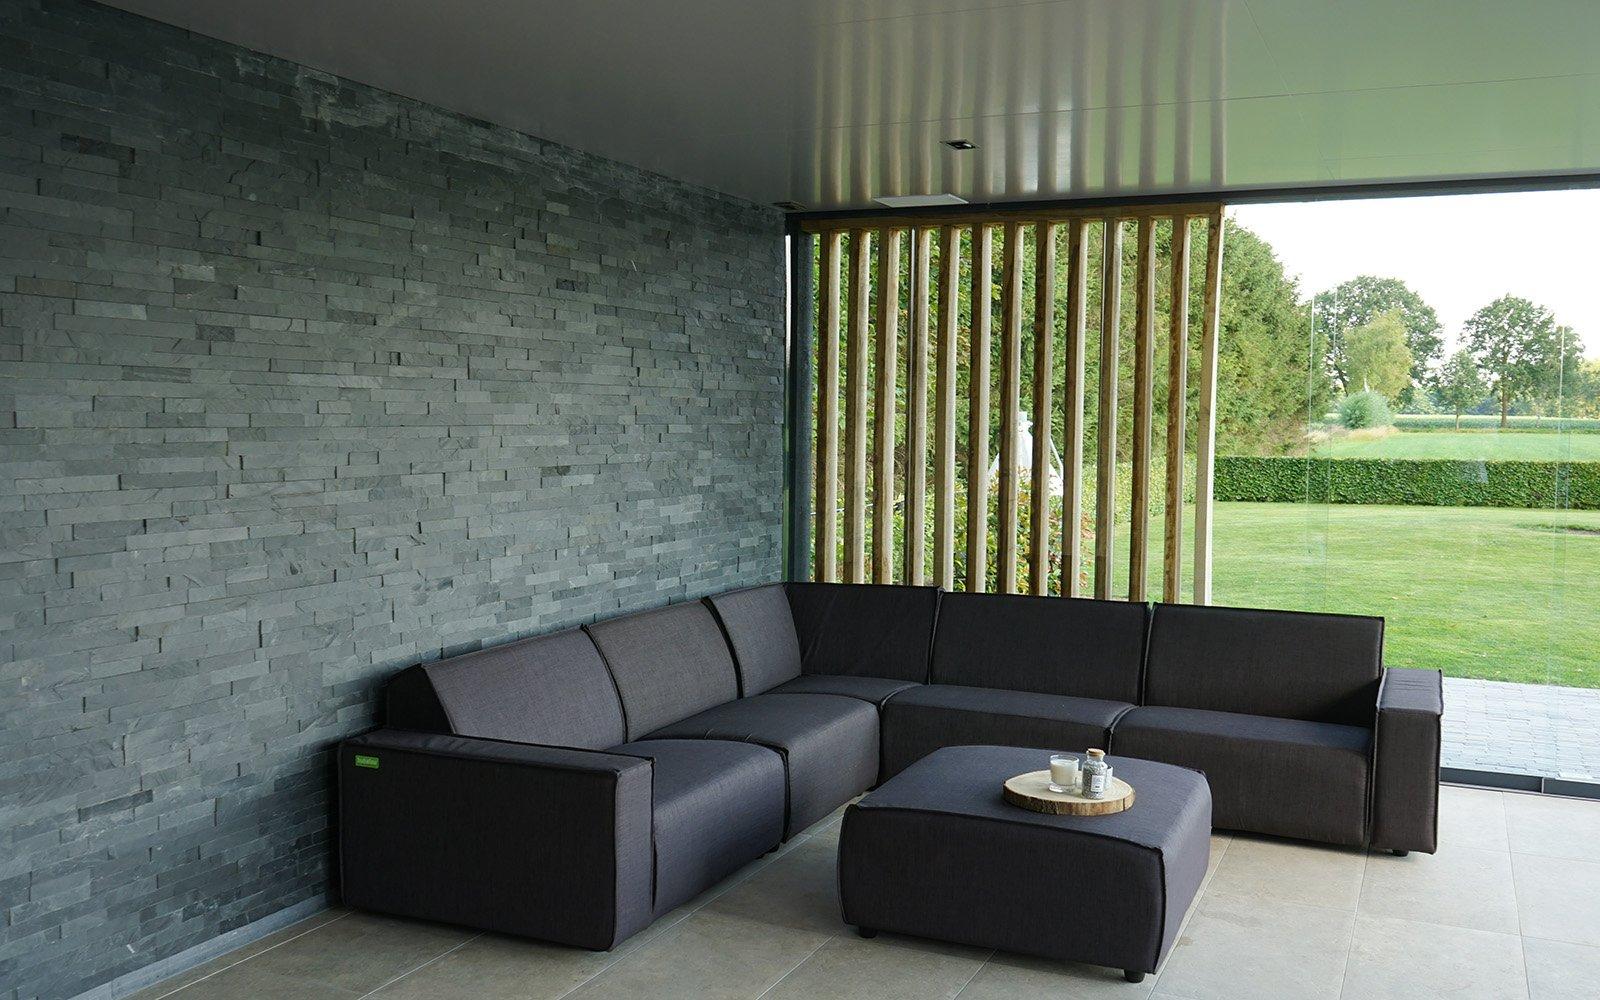 Tuinmeubelen in Poolhouse van je dromen, relax outdoor